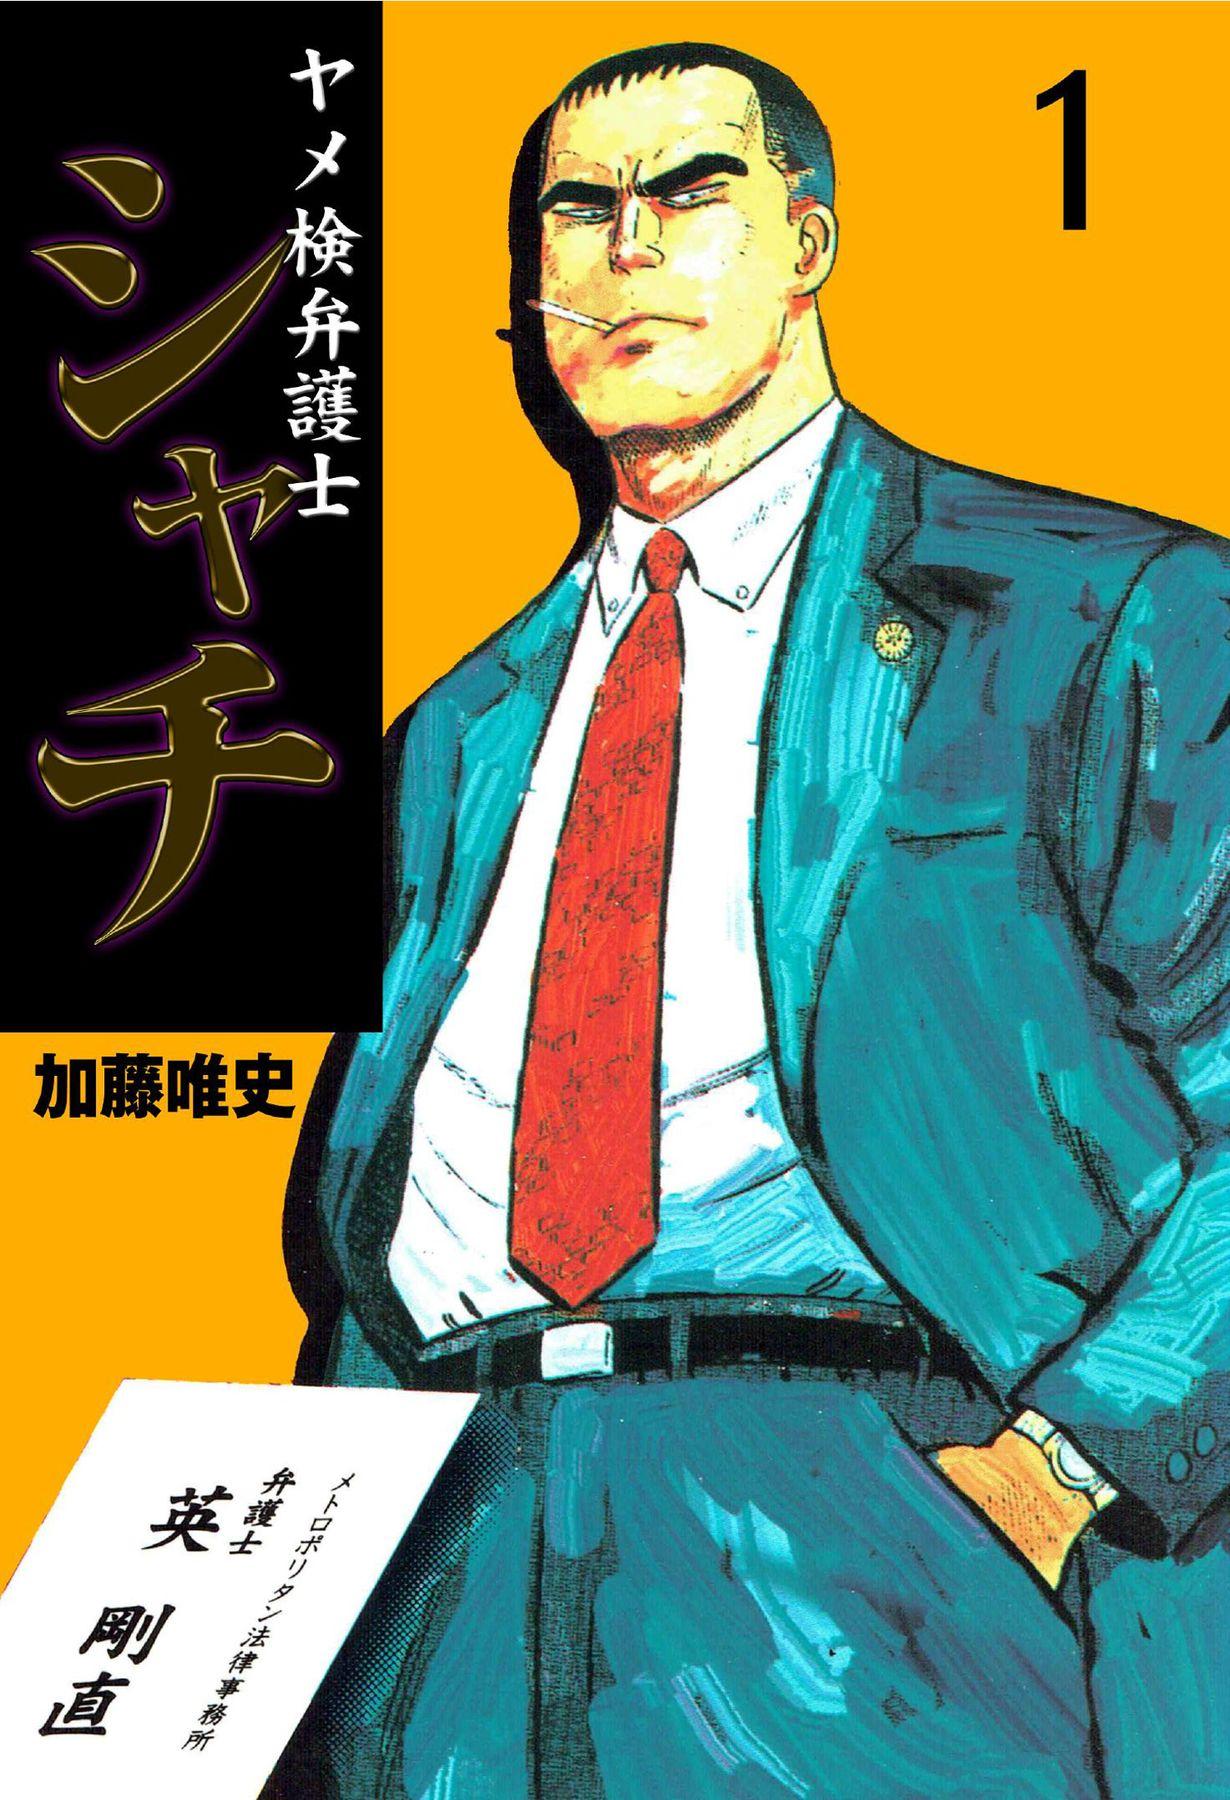 ヤメ検弁護士シャチ(第1巻)